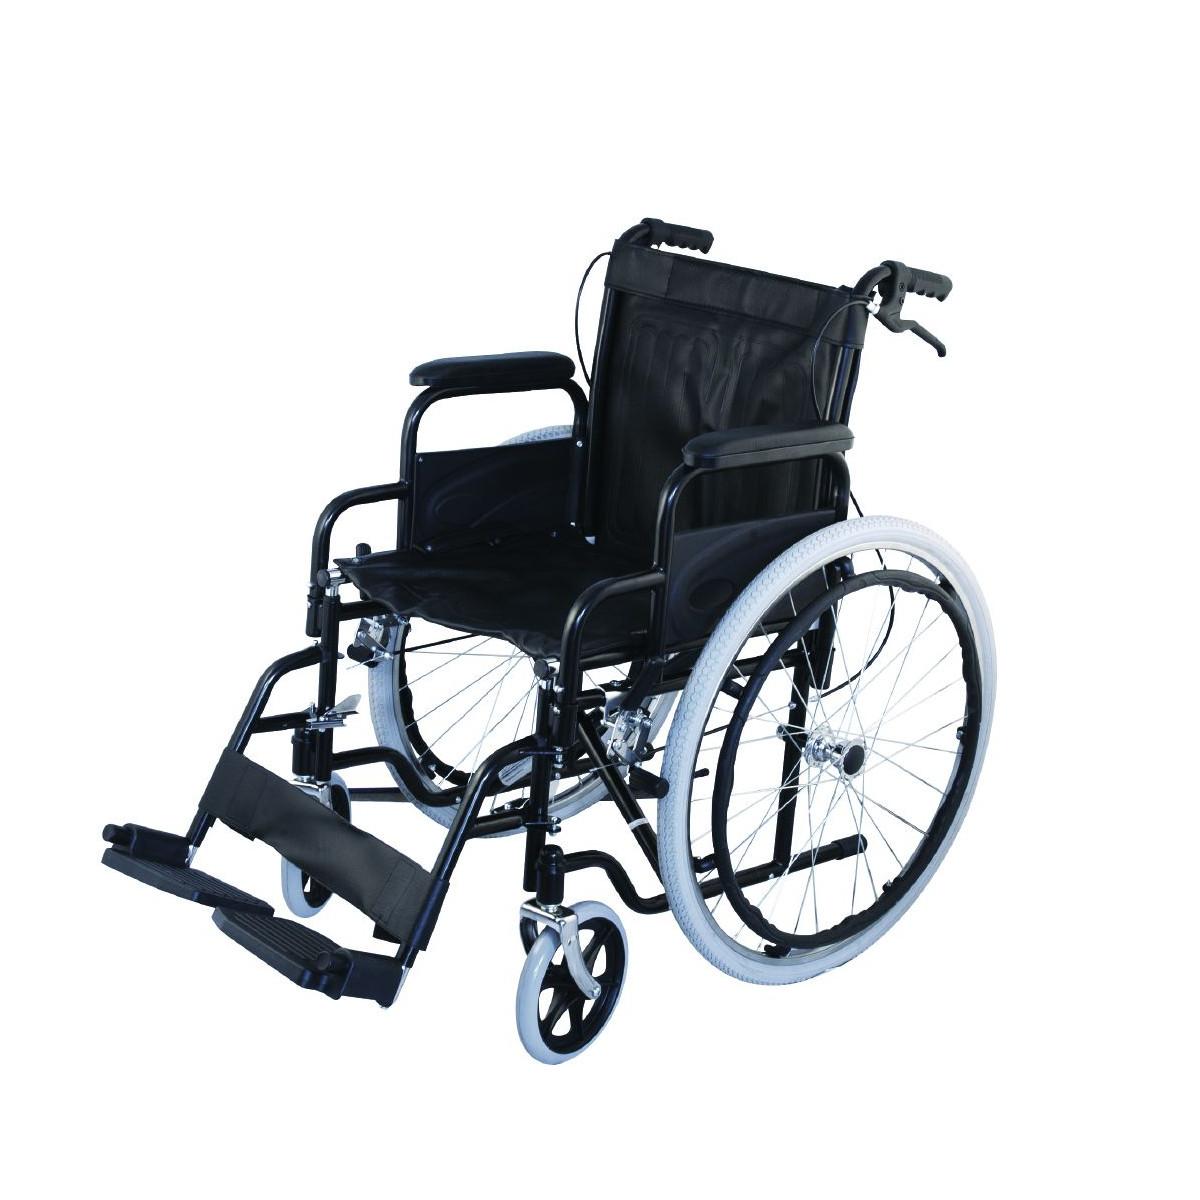 Αναπηρικό αμαξίδιο με μεγάλους τροχούς Economy 1